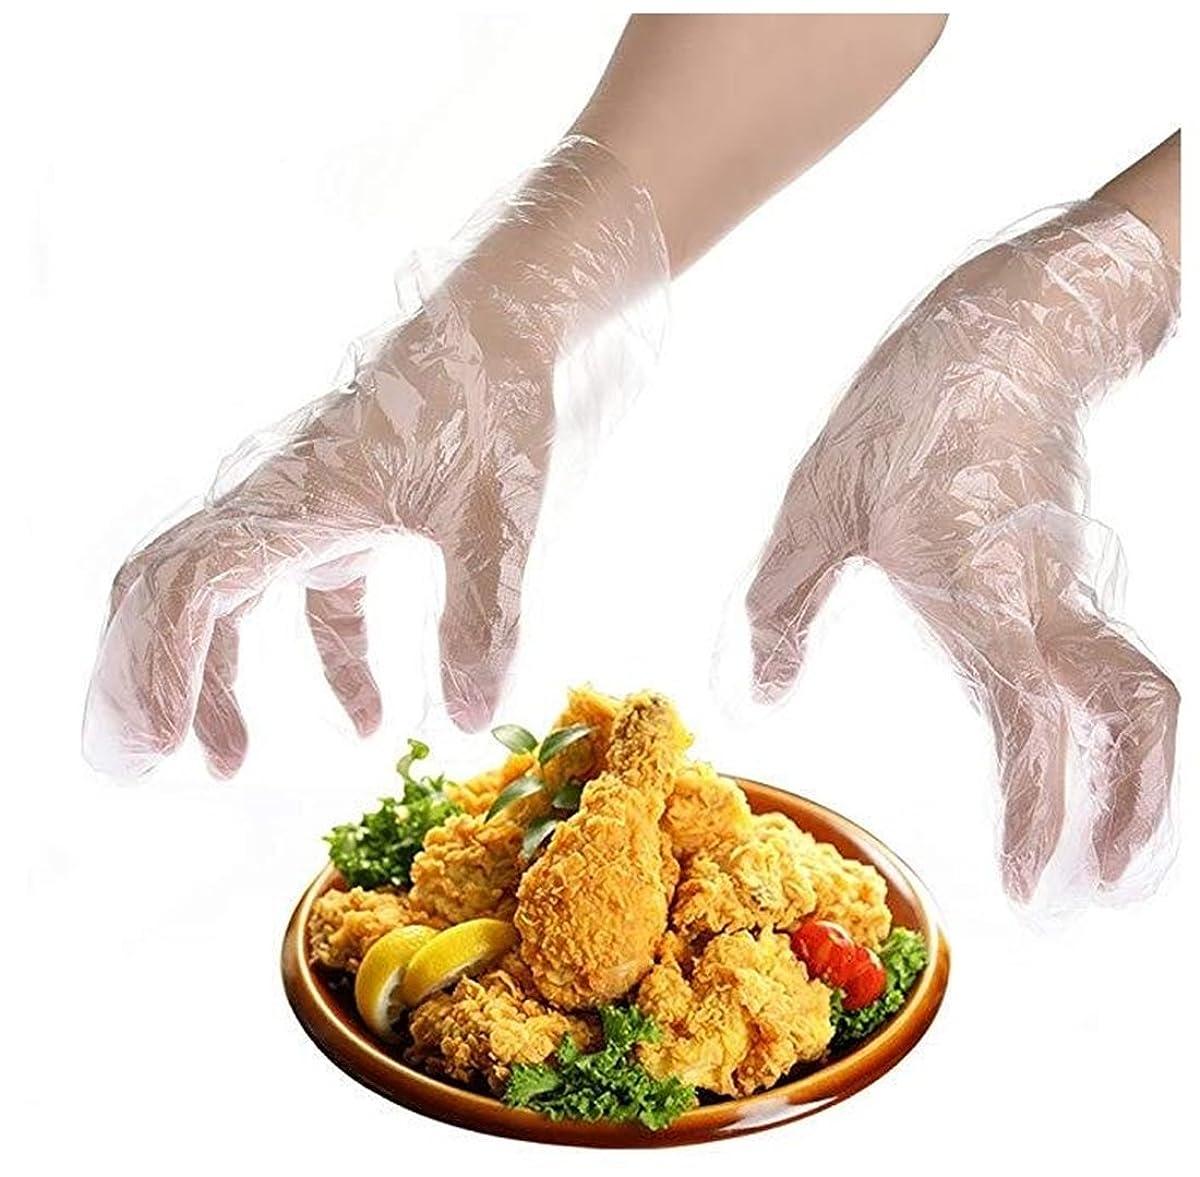 罰する競合他社選手Heyuni.使い捨て手袋 極薄ビニール手袋 ポリエチレン 透明 実用 衛生 100枚